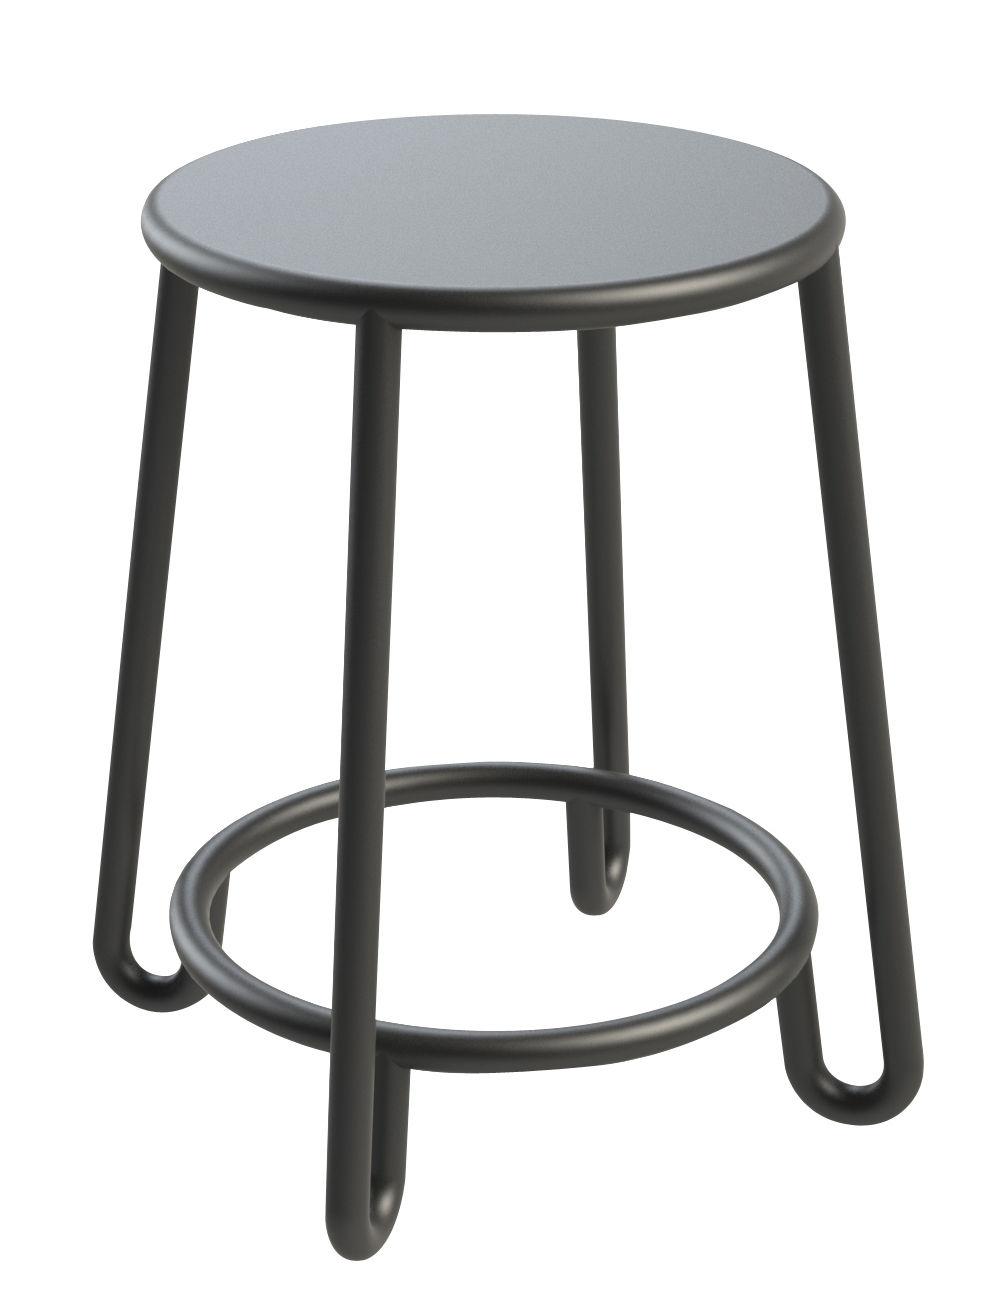 Arredamento - Sgabelli - Sgabello Huggy / H 45 cm - In esclusiva - Made in design Editions - Grigio grafite - Alluminio laccato a polvere